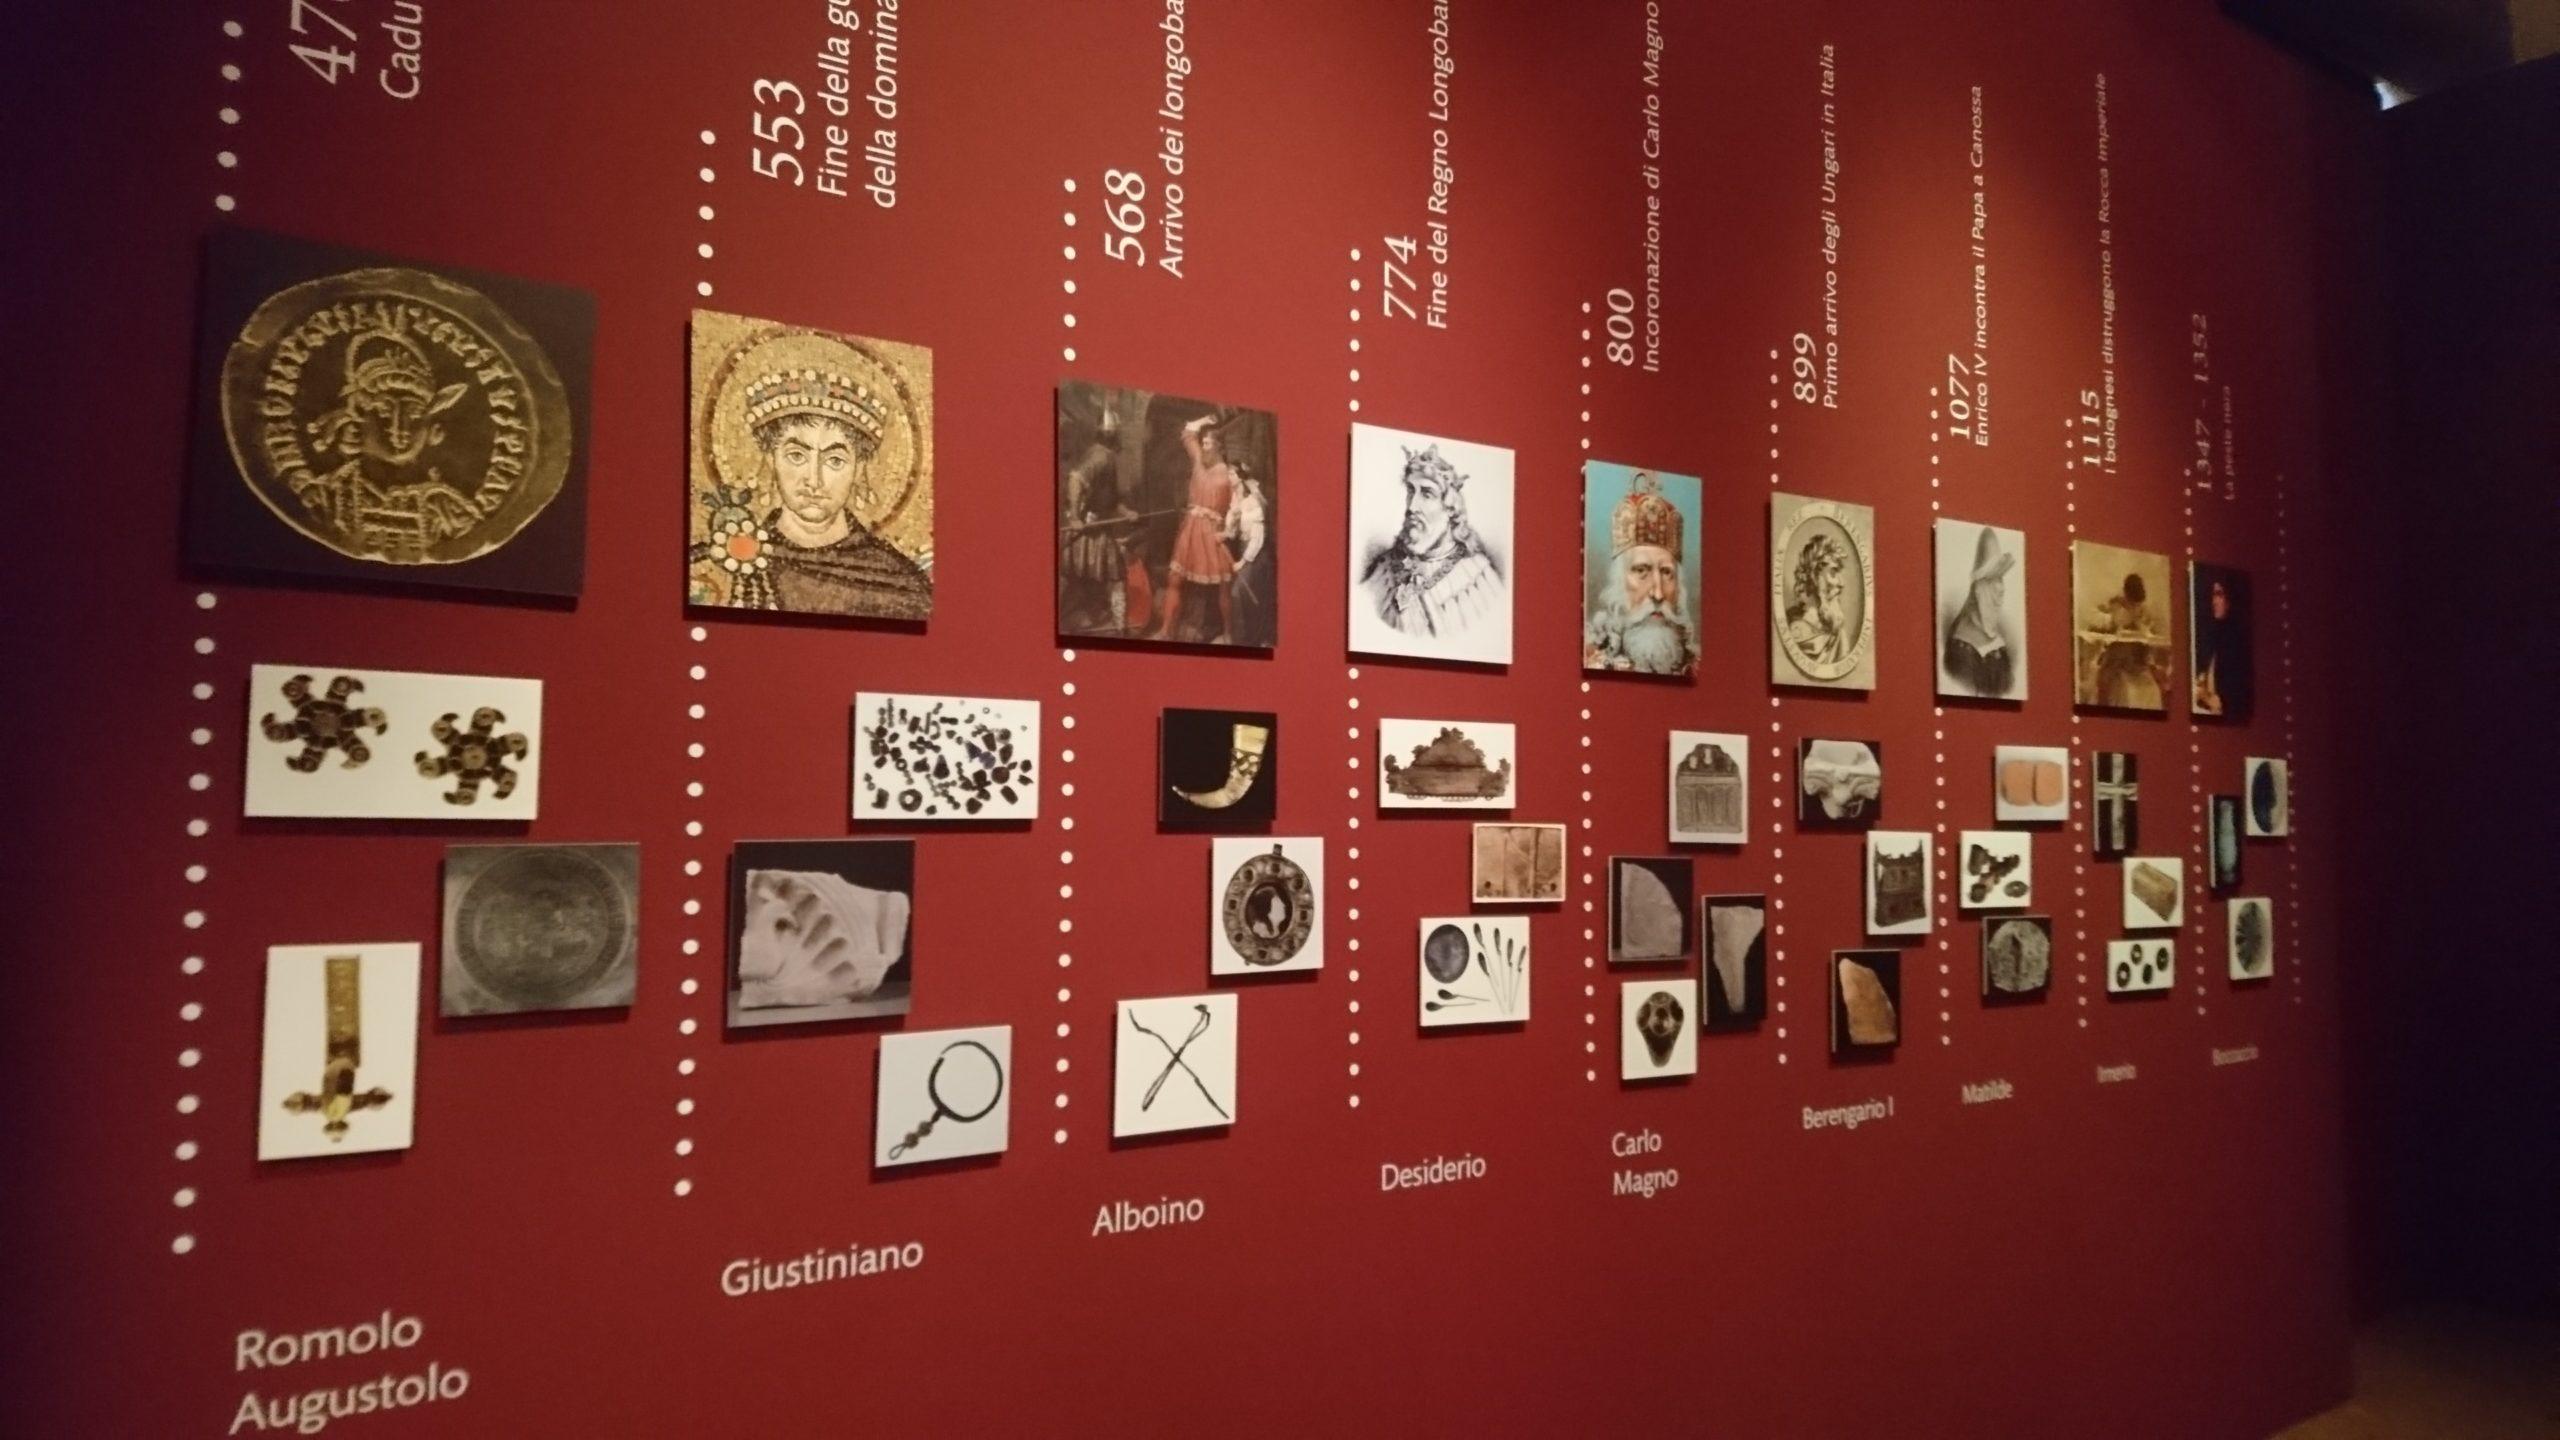 Medioevo Svelato: storia dell'Emilia Romagna in due sale museali